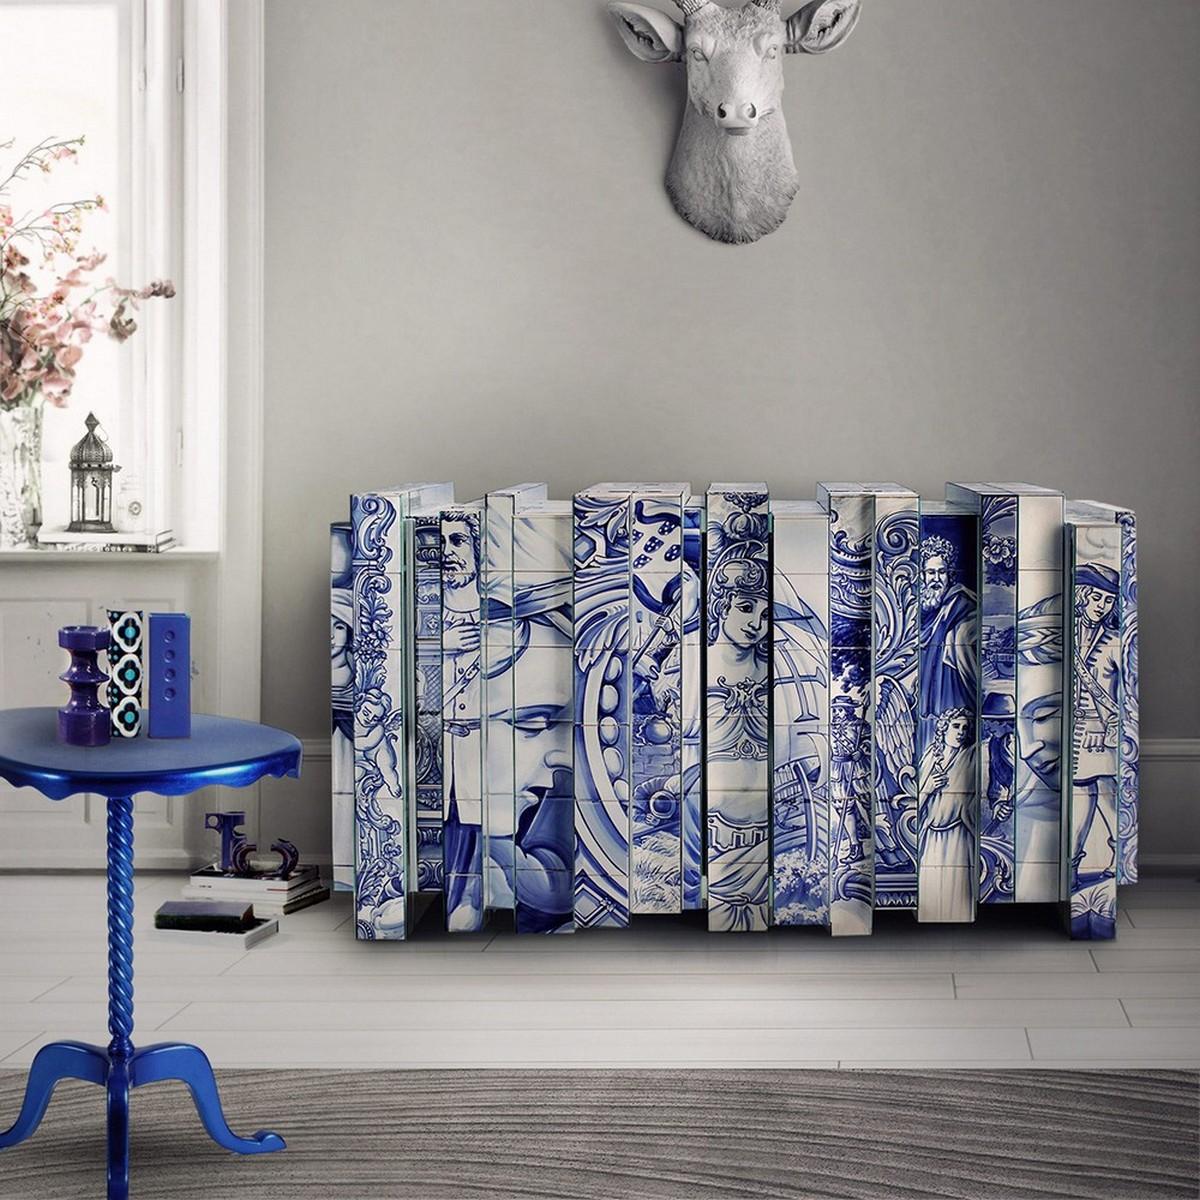 Diseño de Comedor: Una seleción de muebles lujuosos y coloridos diseño de comedor Diseño de Comedor: Una seleción de muebles lujuosos y coloridos heritage sideboard 07